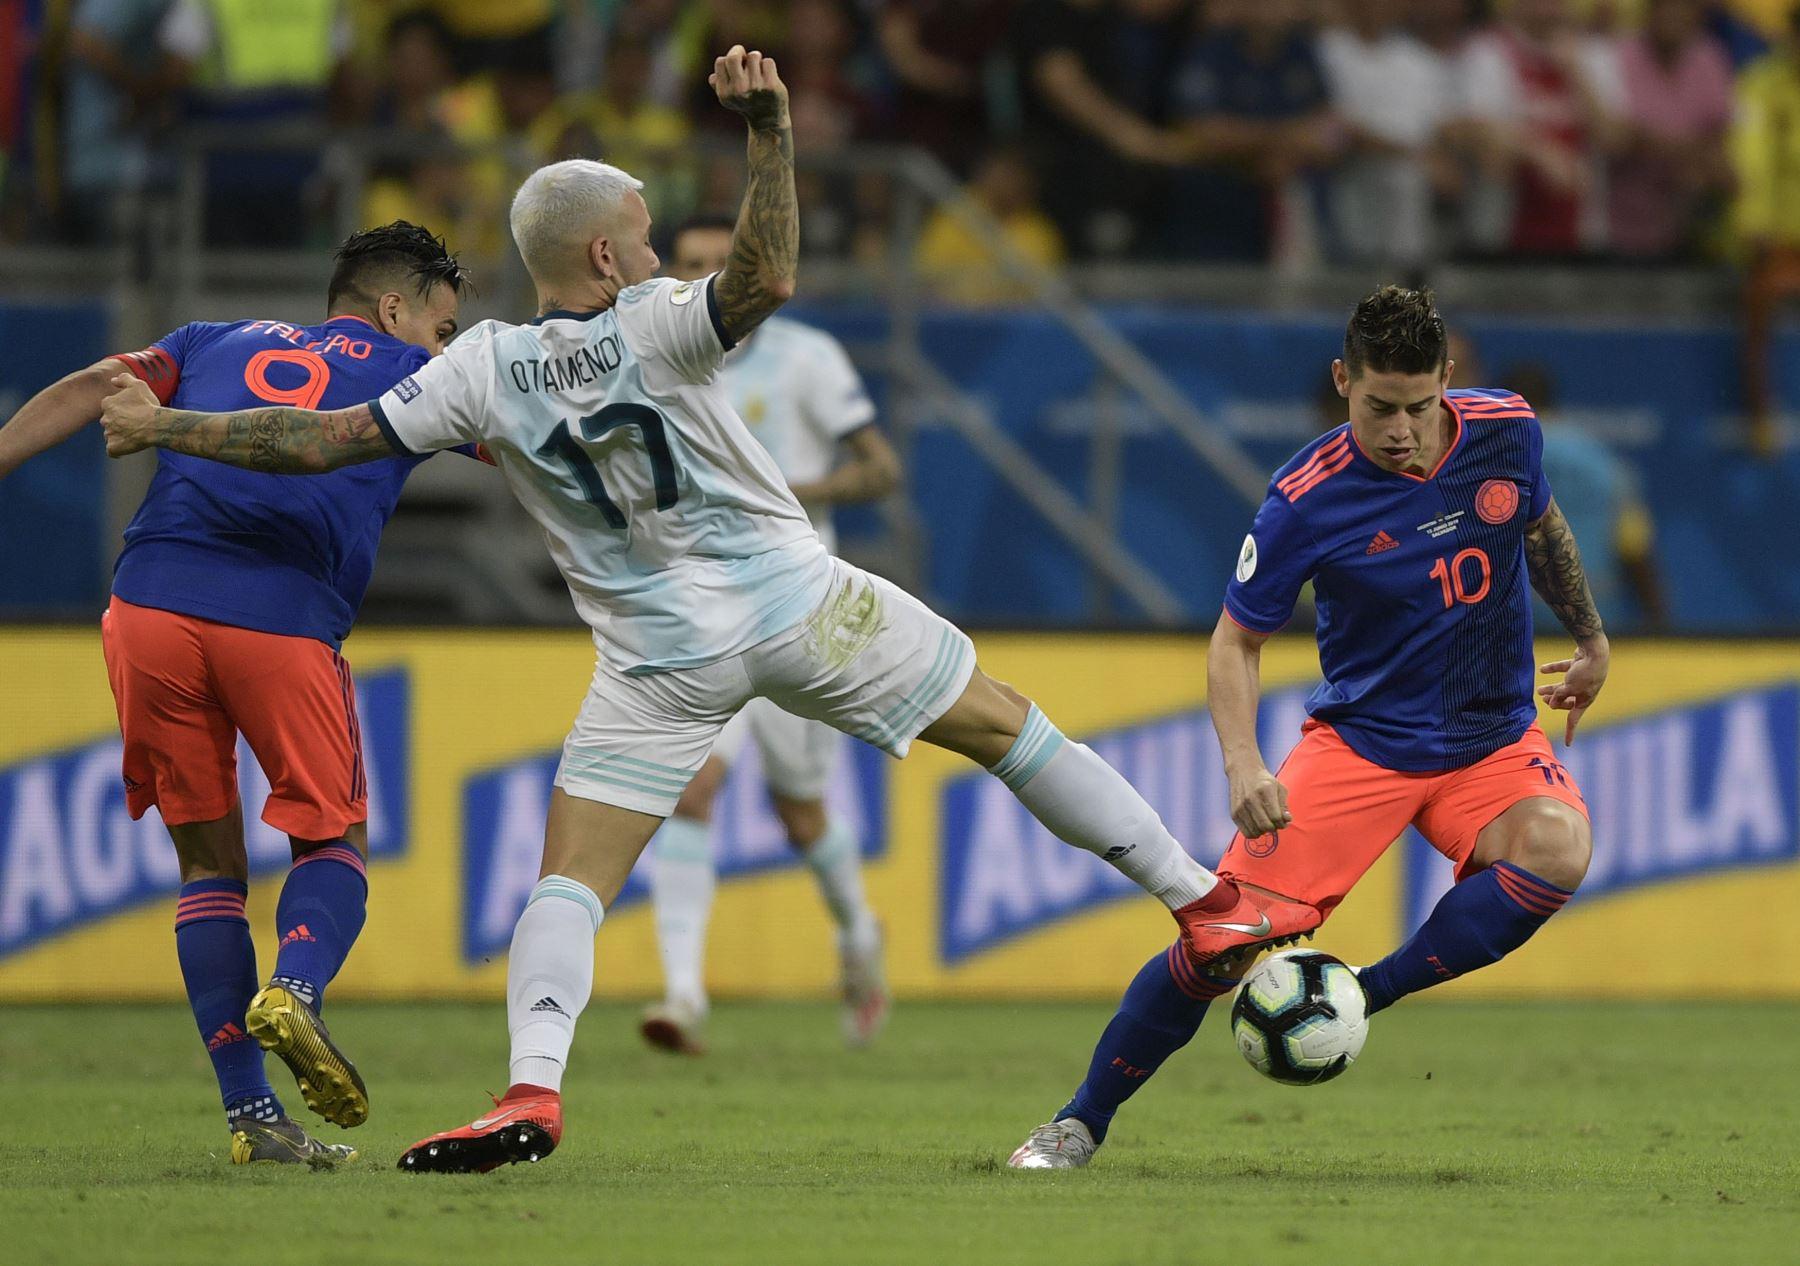 El argentino Nicolas Otamendi (C) compite con el colombiano Radamel Falcao (L) y James Rodriguez durante su partido de torneo de fútbol de la Copa América en el Fonte Nova Arena de Salvador, Brasil. AFP